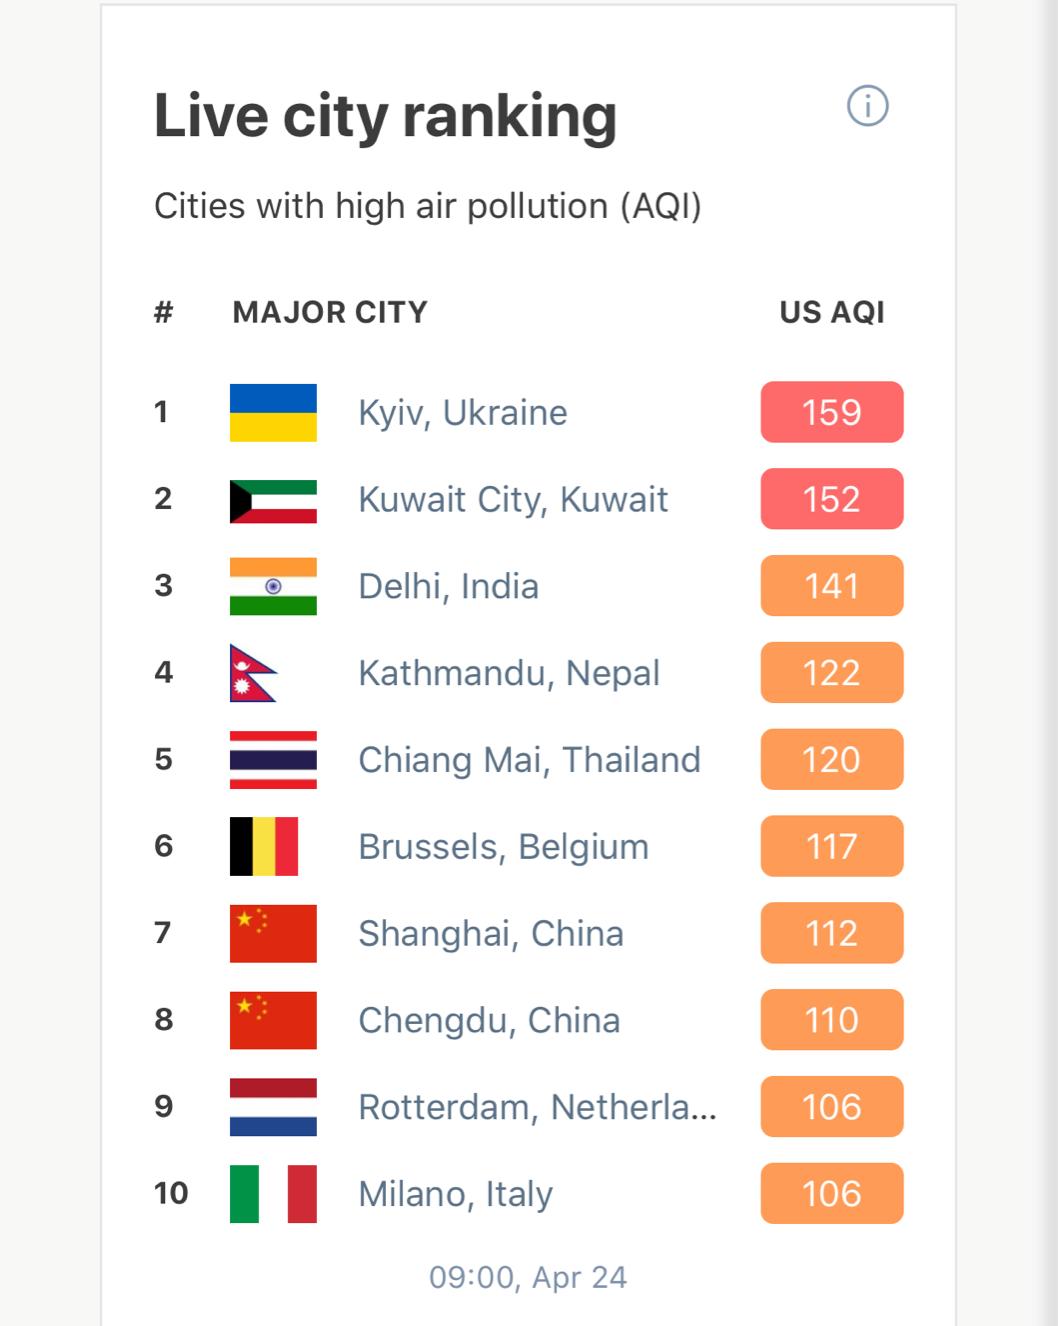 Киев возглавил рейтинг самых загрязненных городов мира - данные QAir